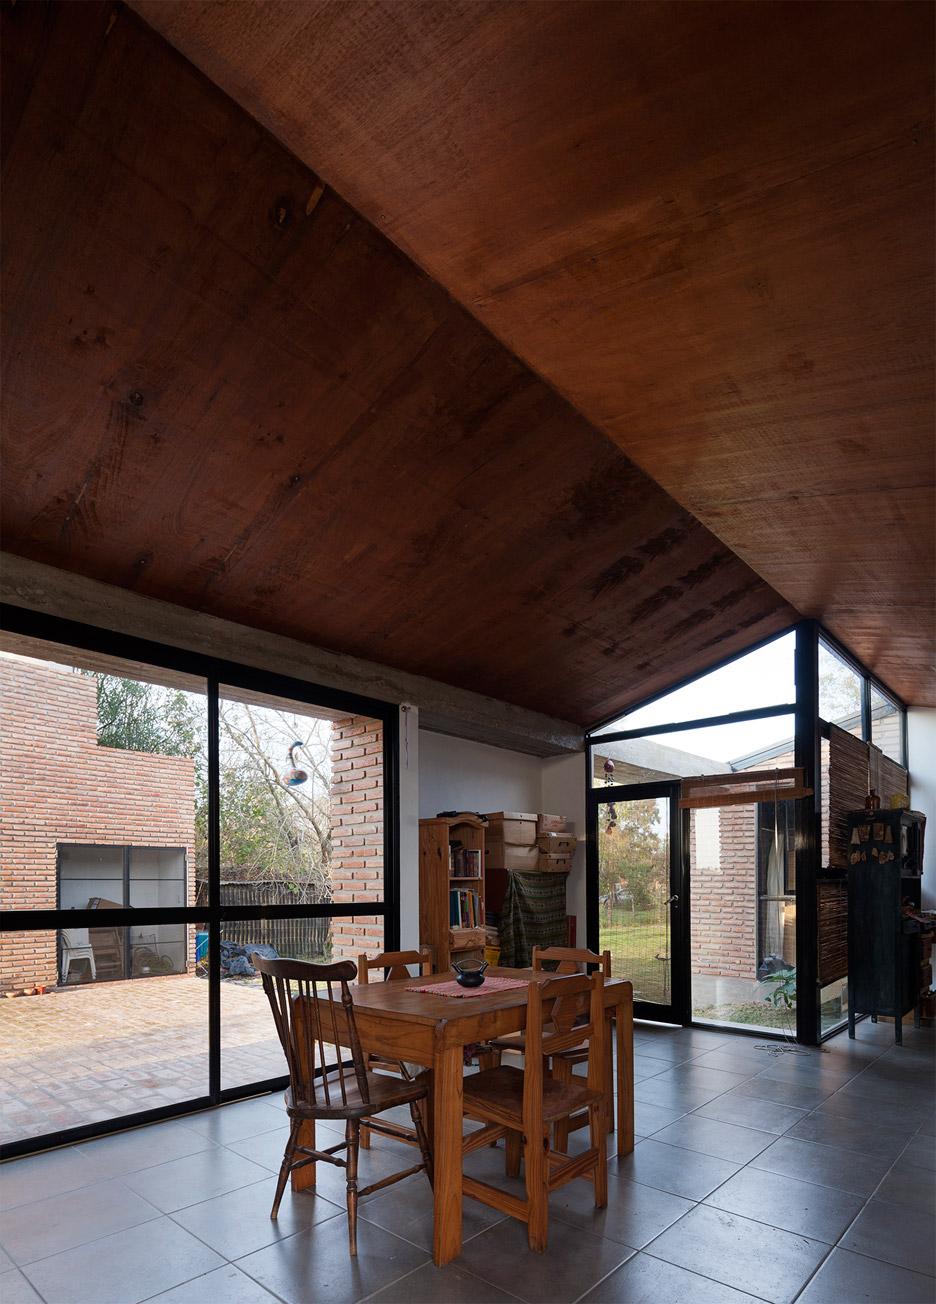 Casa Bovero by German Muller